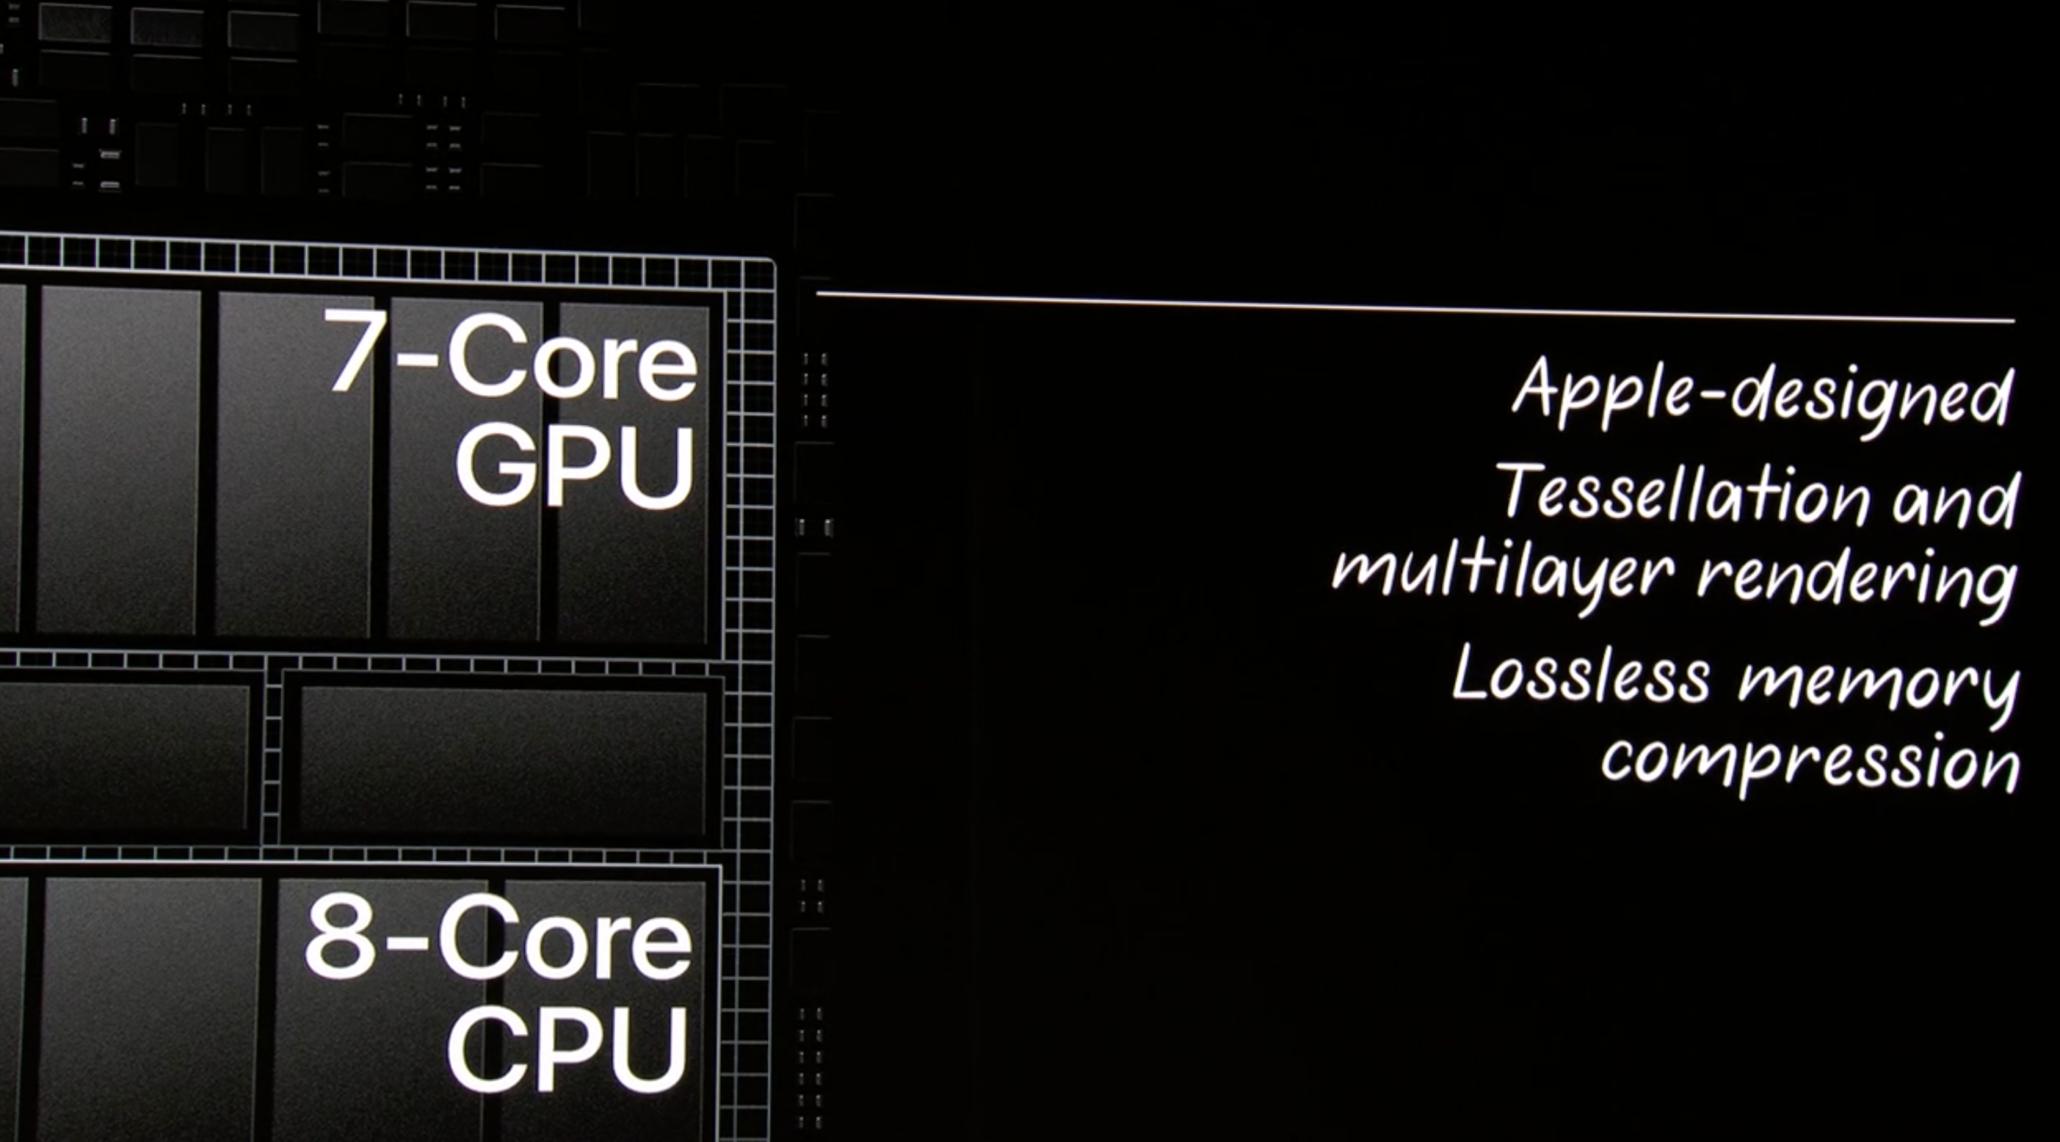 Apple's A12X Has 10 Billion Transistors, 90% Speed Boost & 7-Core GPU